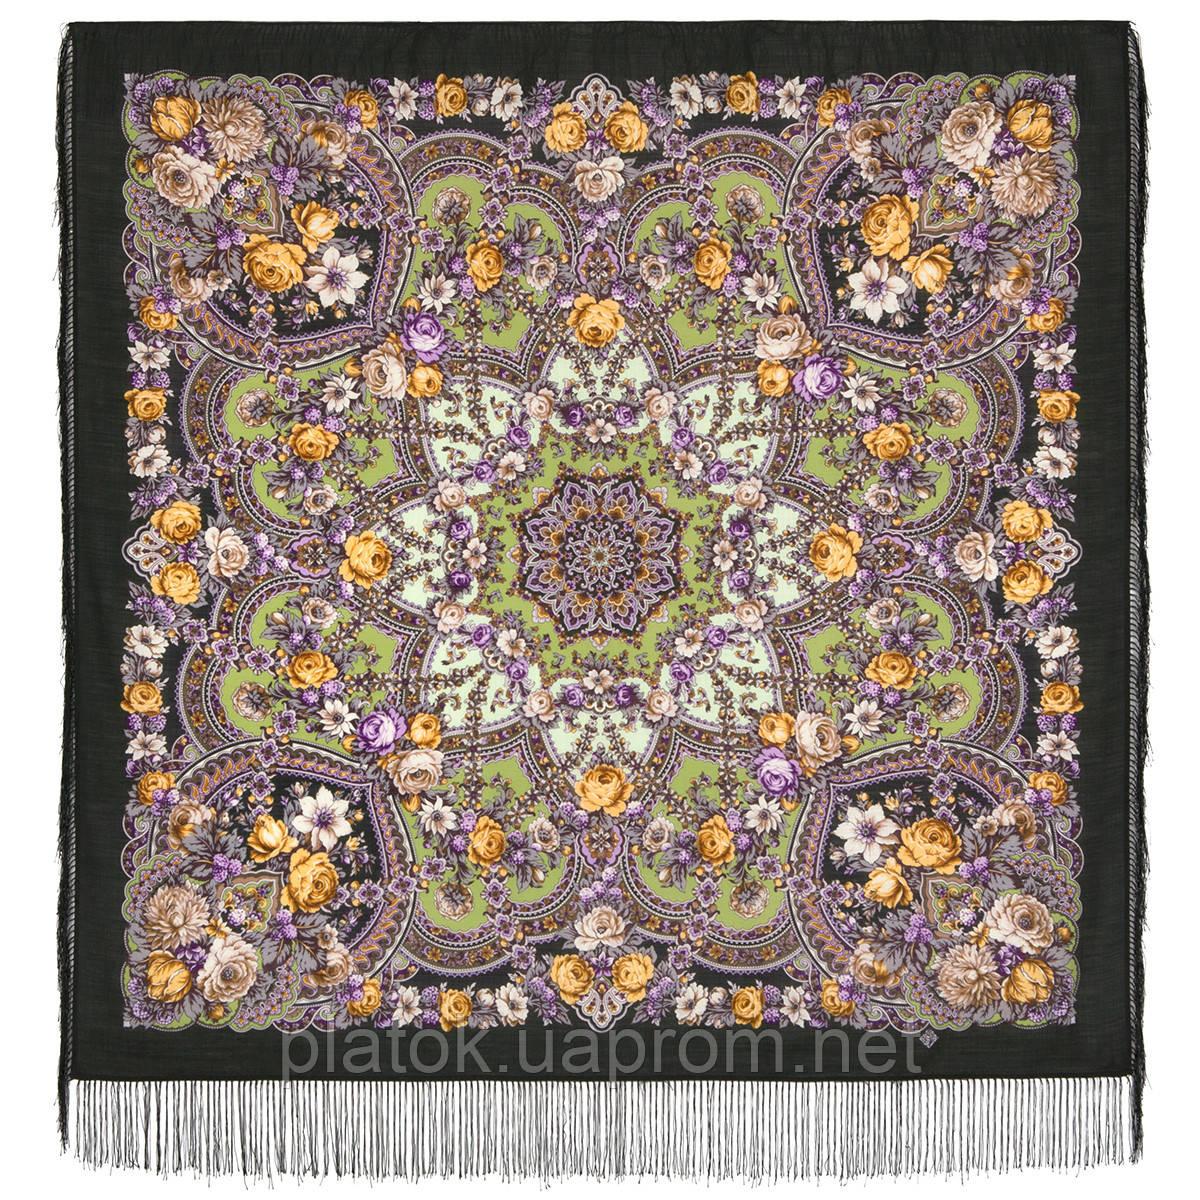 Серебряный ручей 1851-9, павлопосадский платок шерстяной с шелковой бахромой